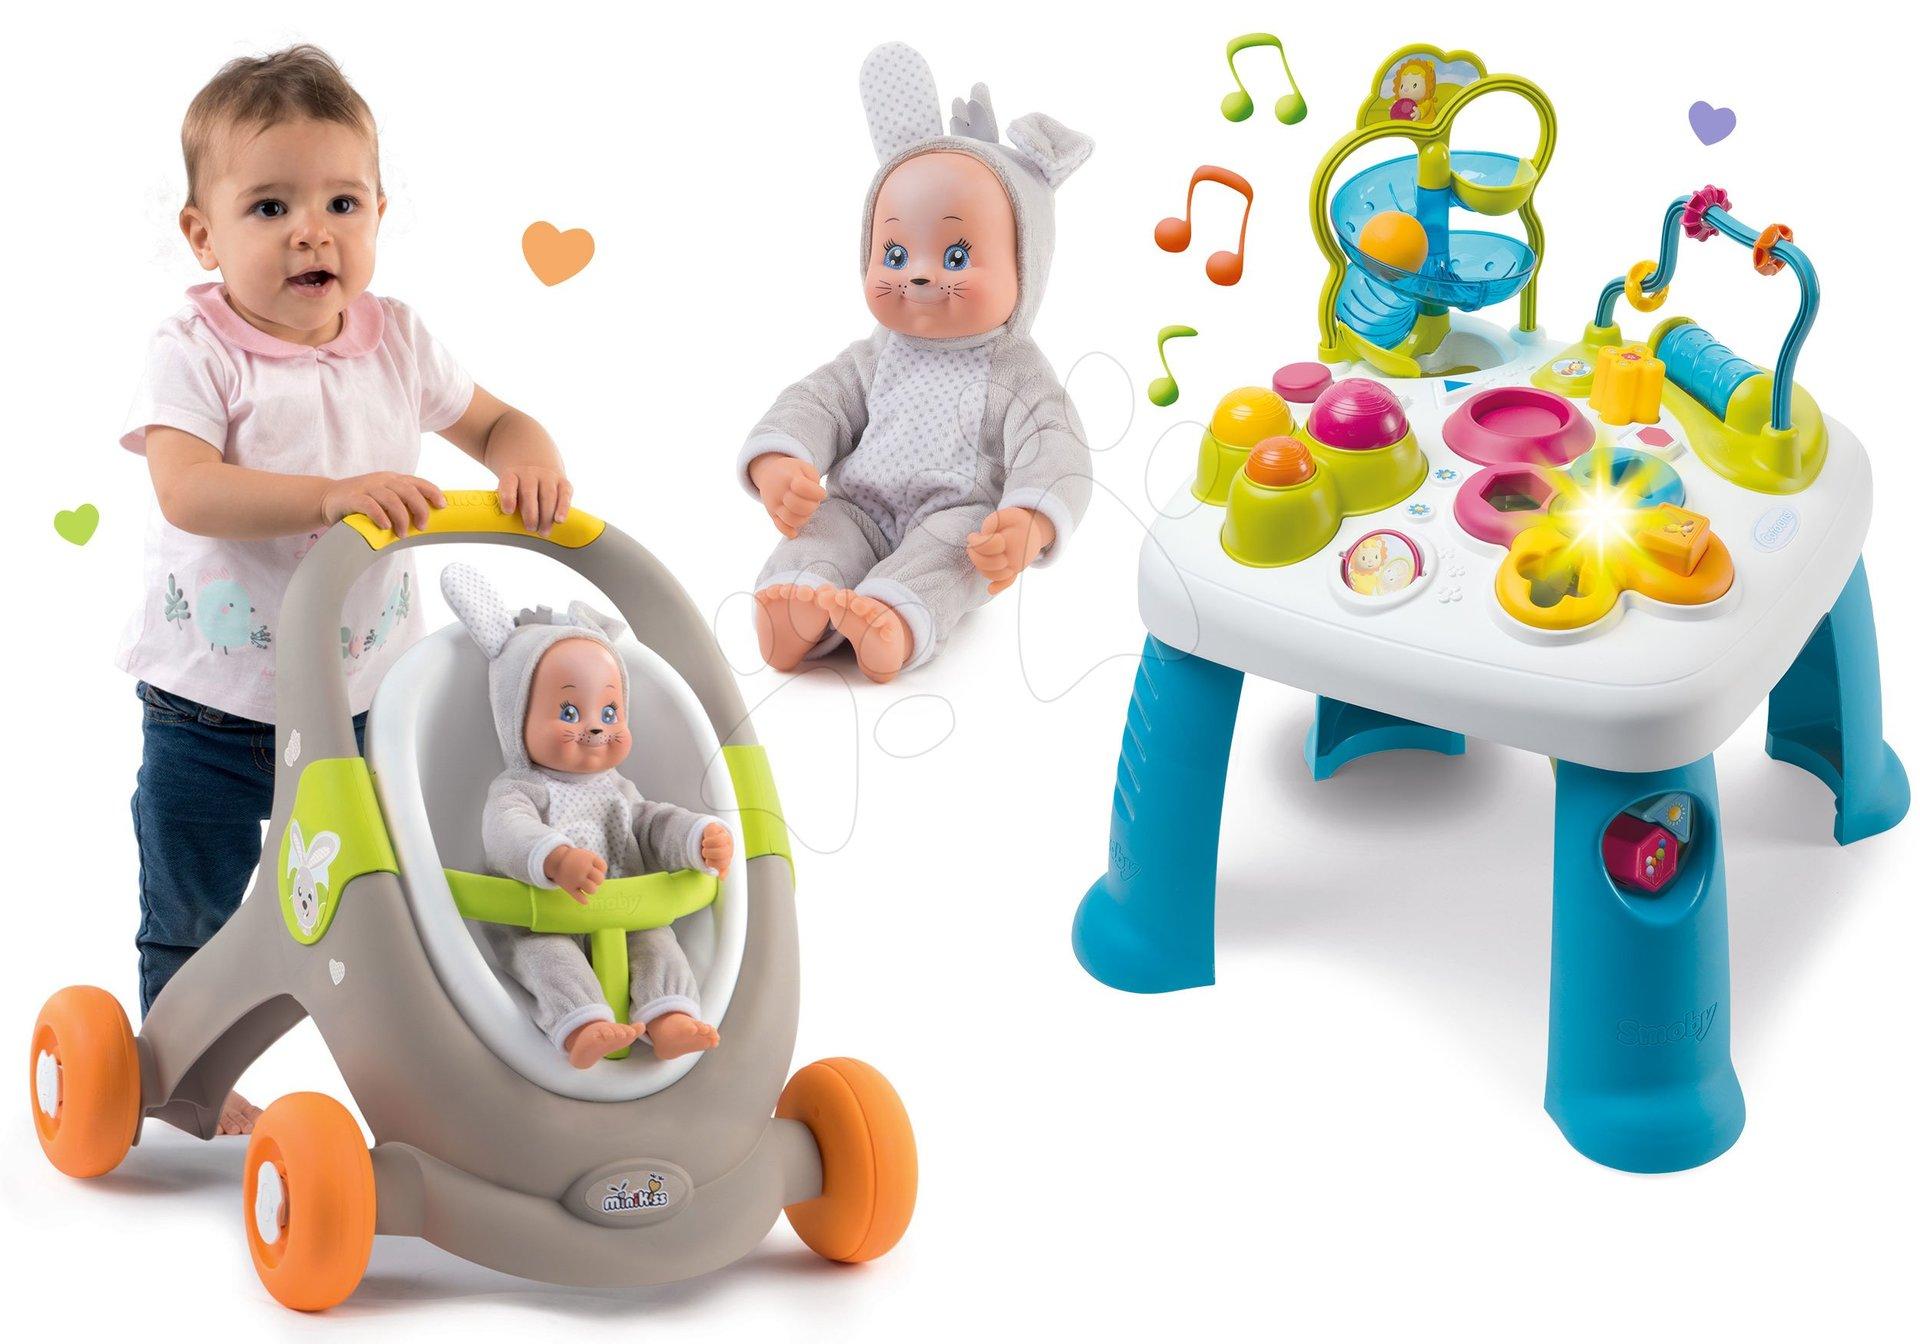 Set didaktický stôl Activity Table Cotoons Smoby so zvukom, svetlom a chodítko a kočík s autosedačkou MiniKiss 3v1 Lesné zvieratká so zajačikom